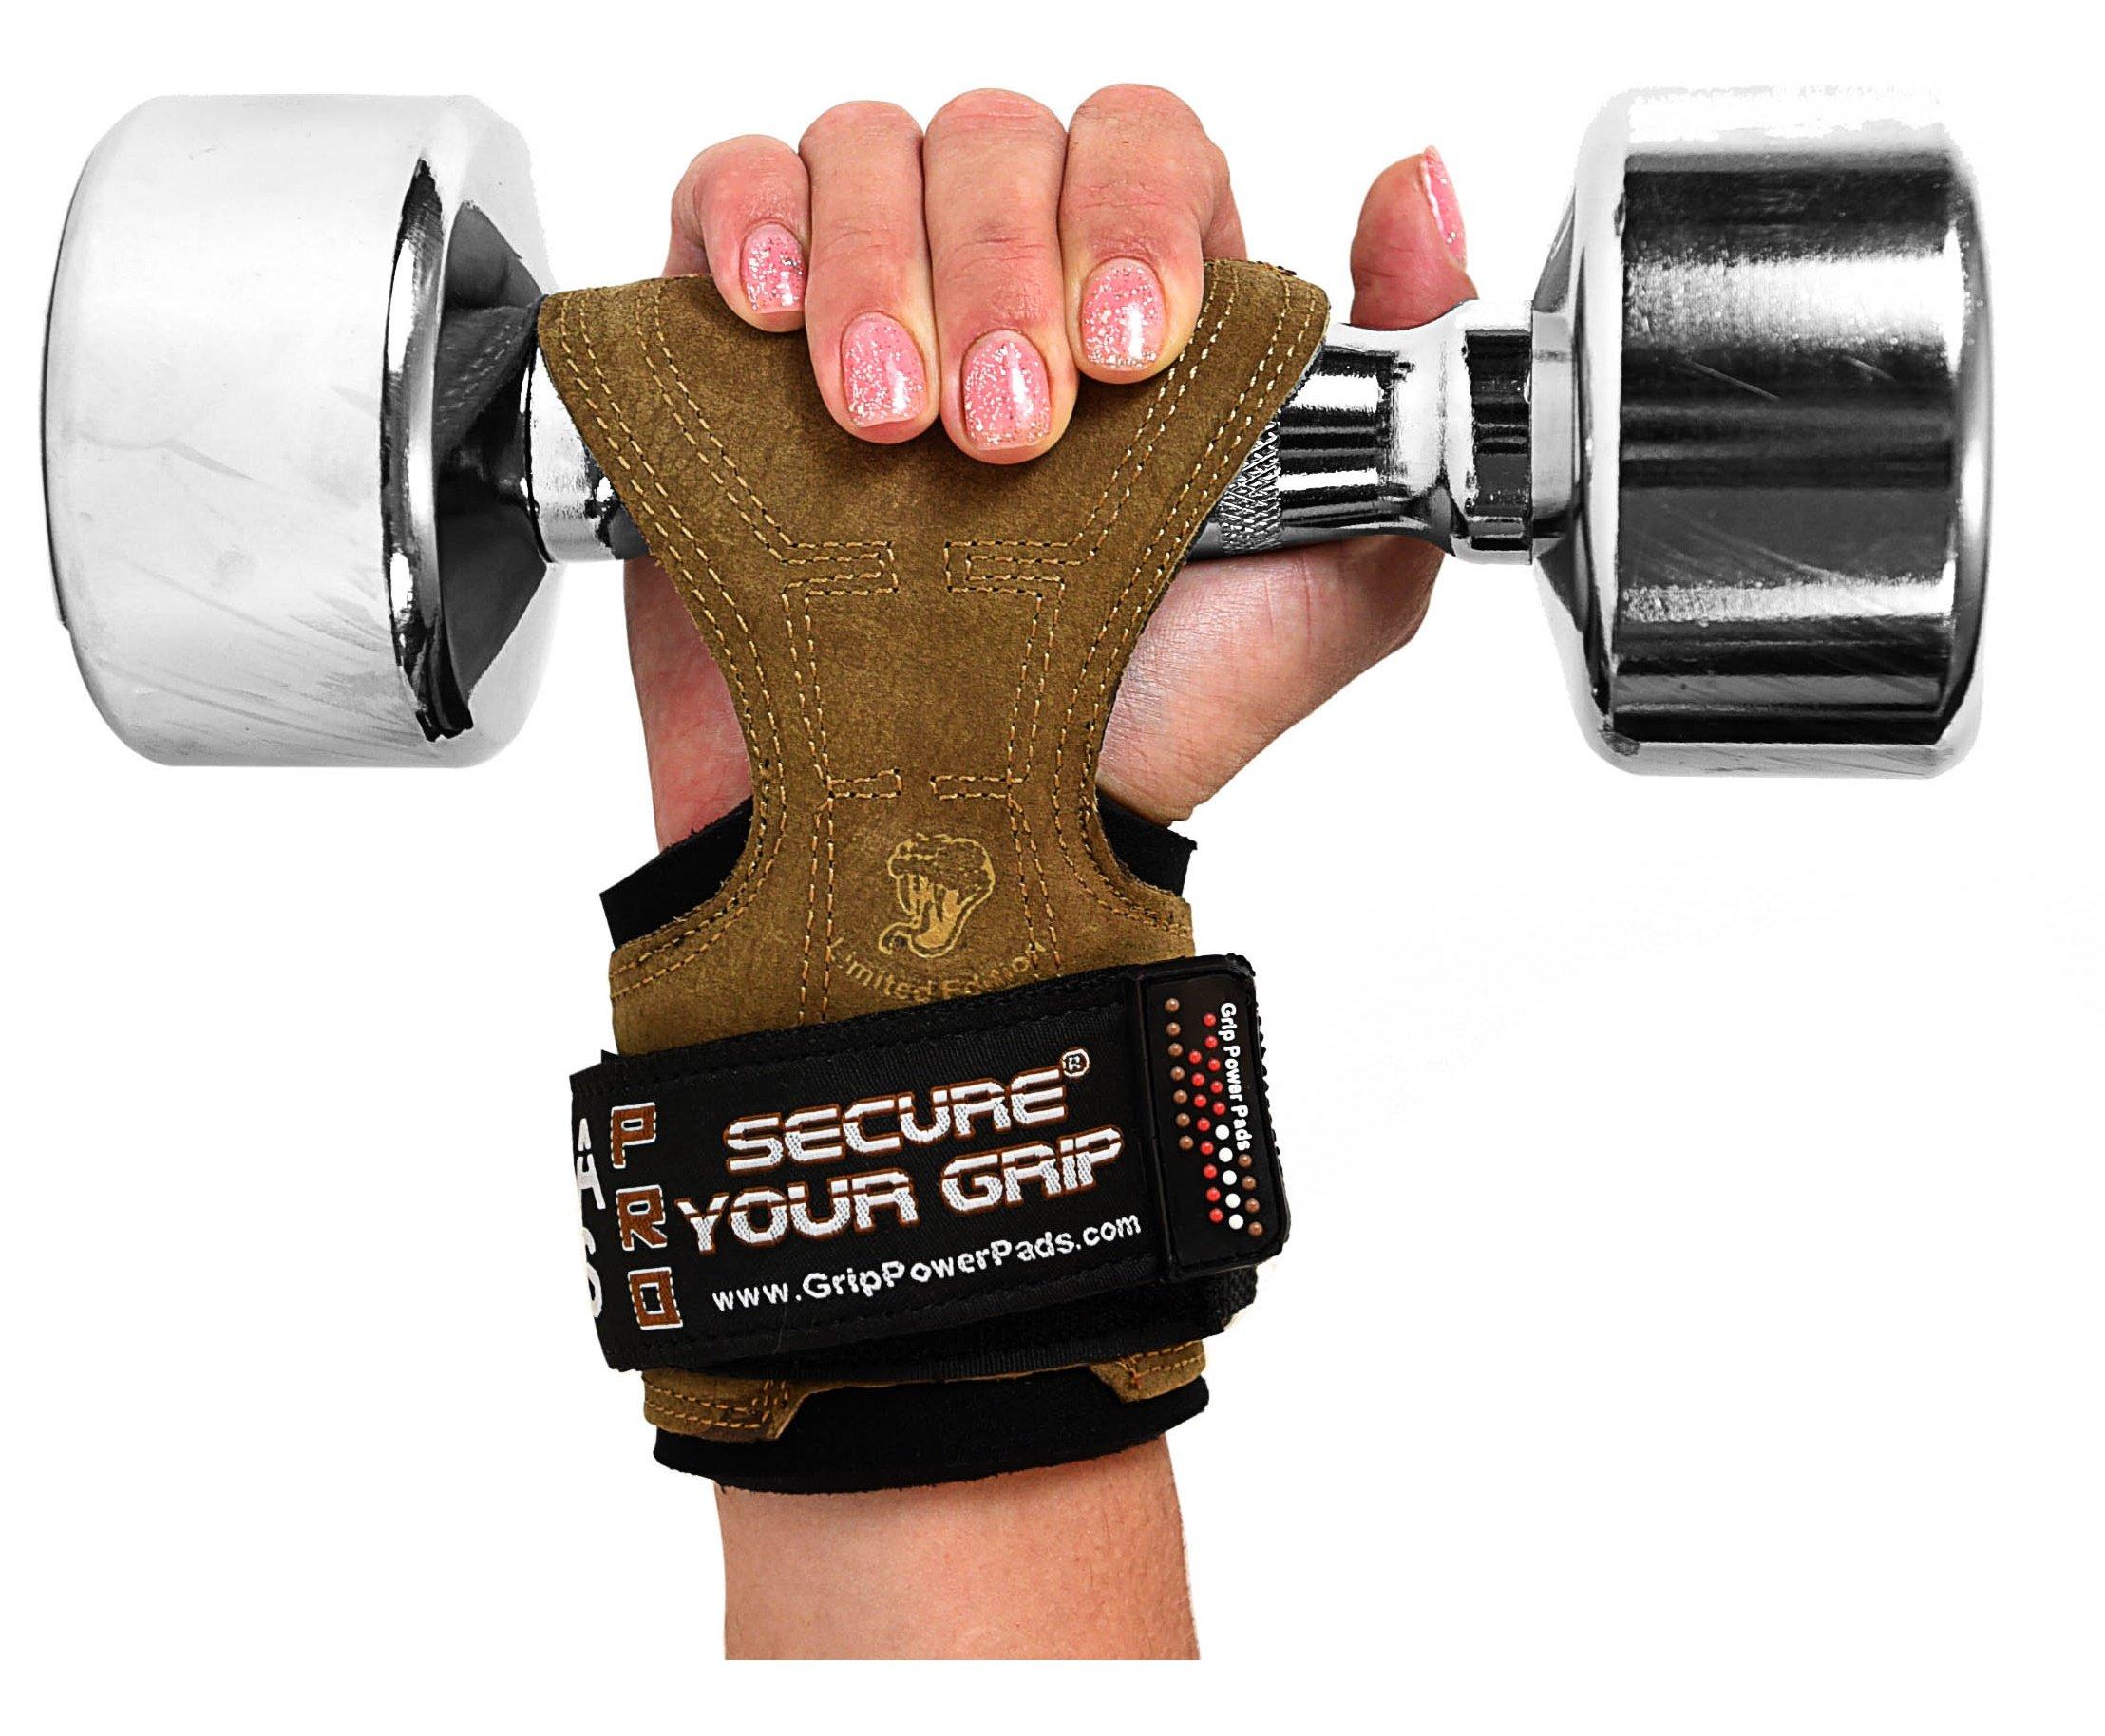 Grip Power Pads Cobra empuñaduras Levantamiento de Pesas Guantes para Trabajo Pesado Correas de elevación de Potencia Alternativa Ganchos de Levantamiento de Pesas Culturismo: Amazon.es: Deportes y aire libre